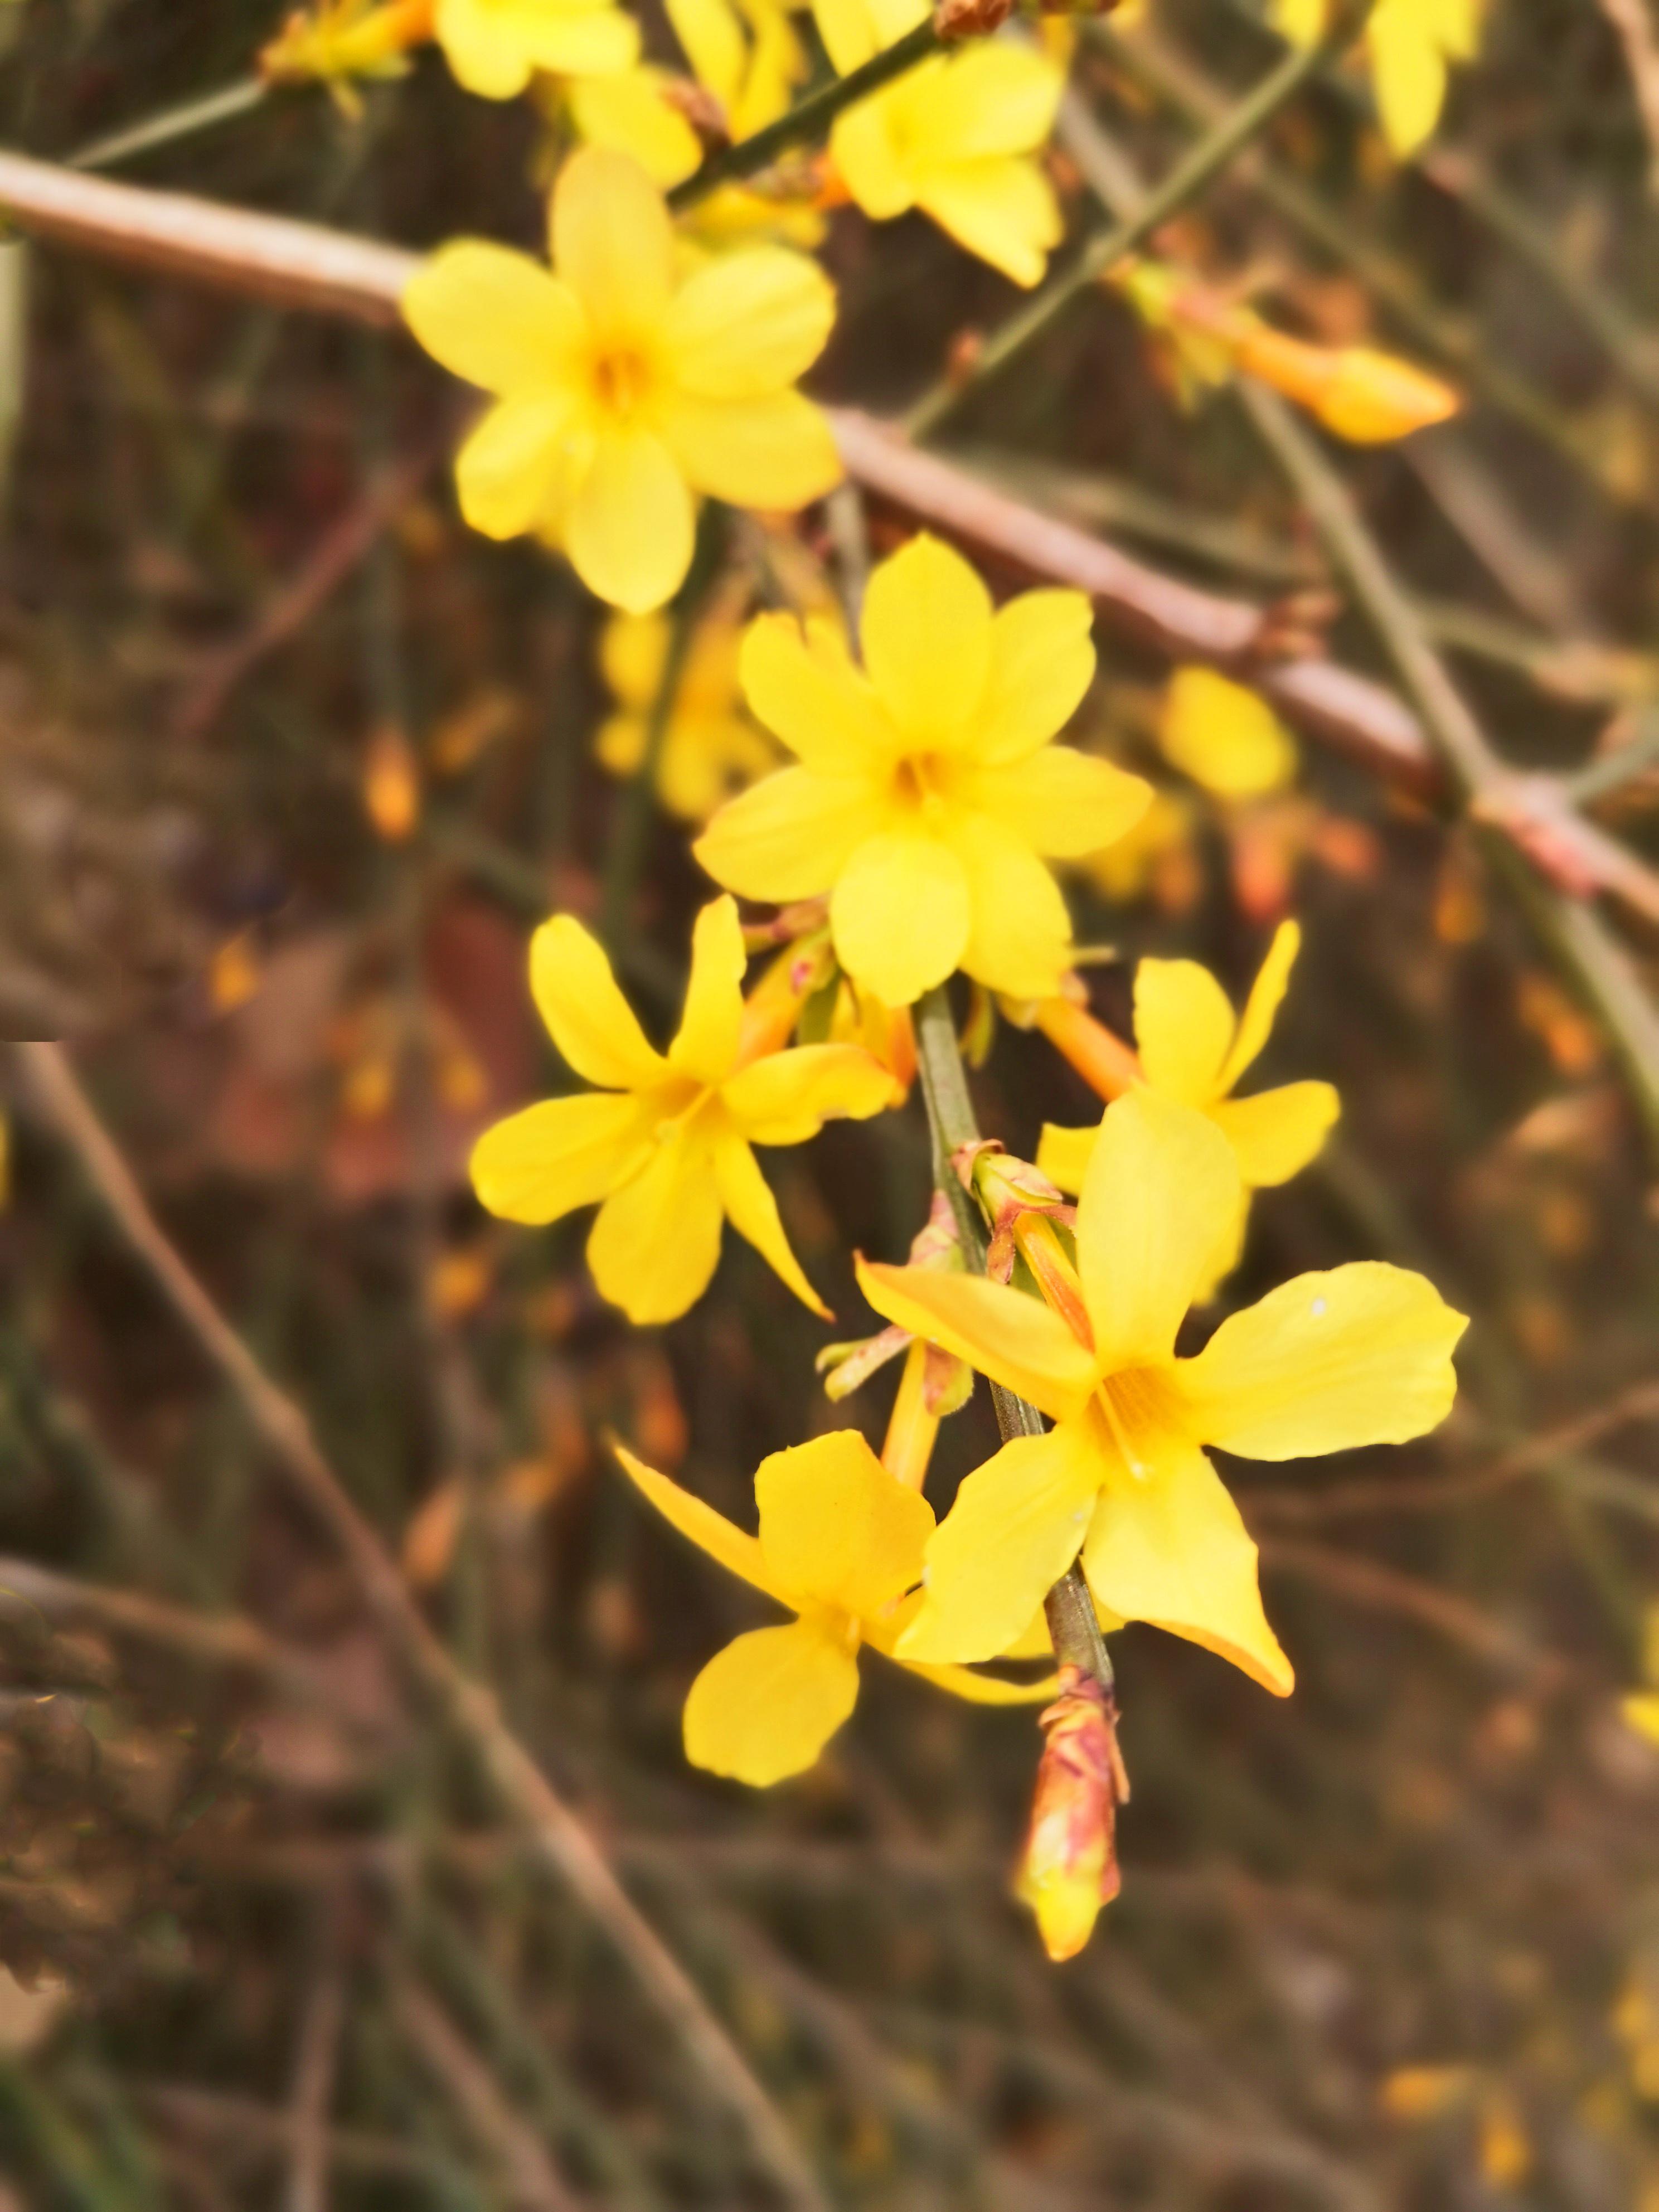 原创             我眼中的春天,院里春花烂漫,真是满园春色关不住